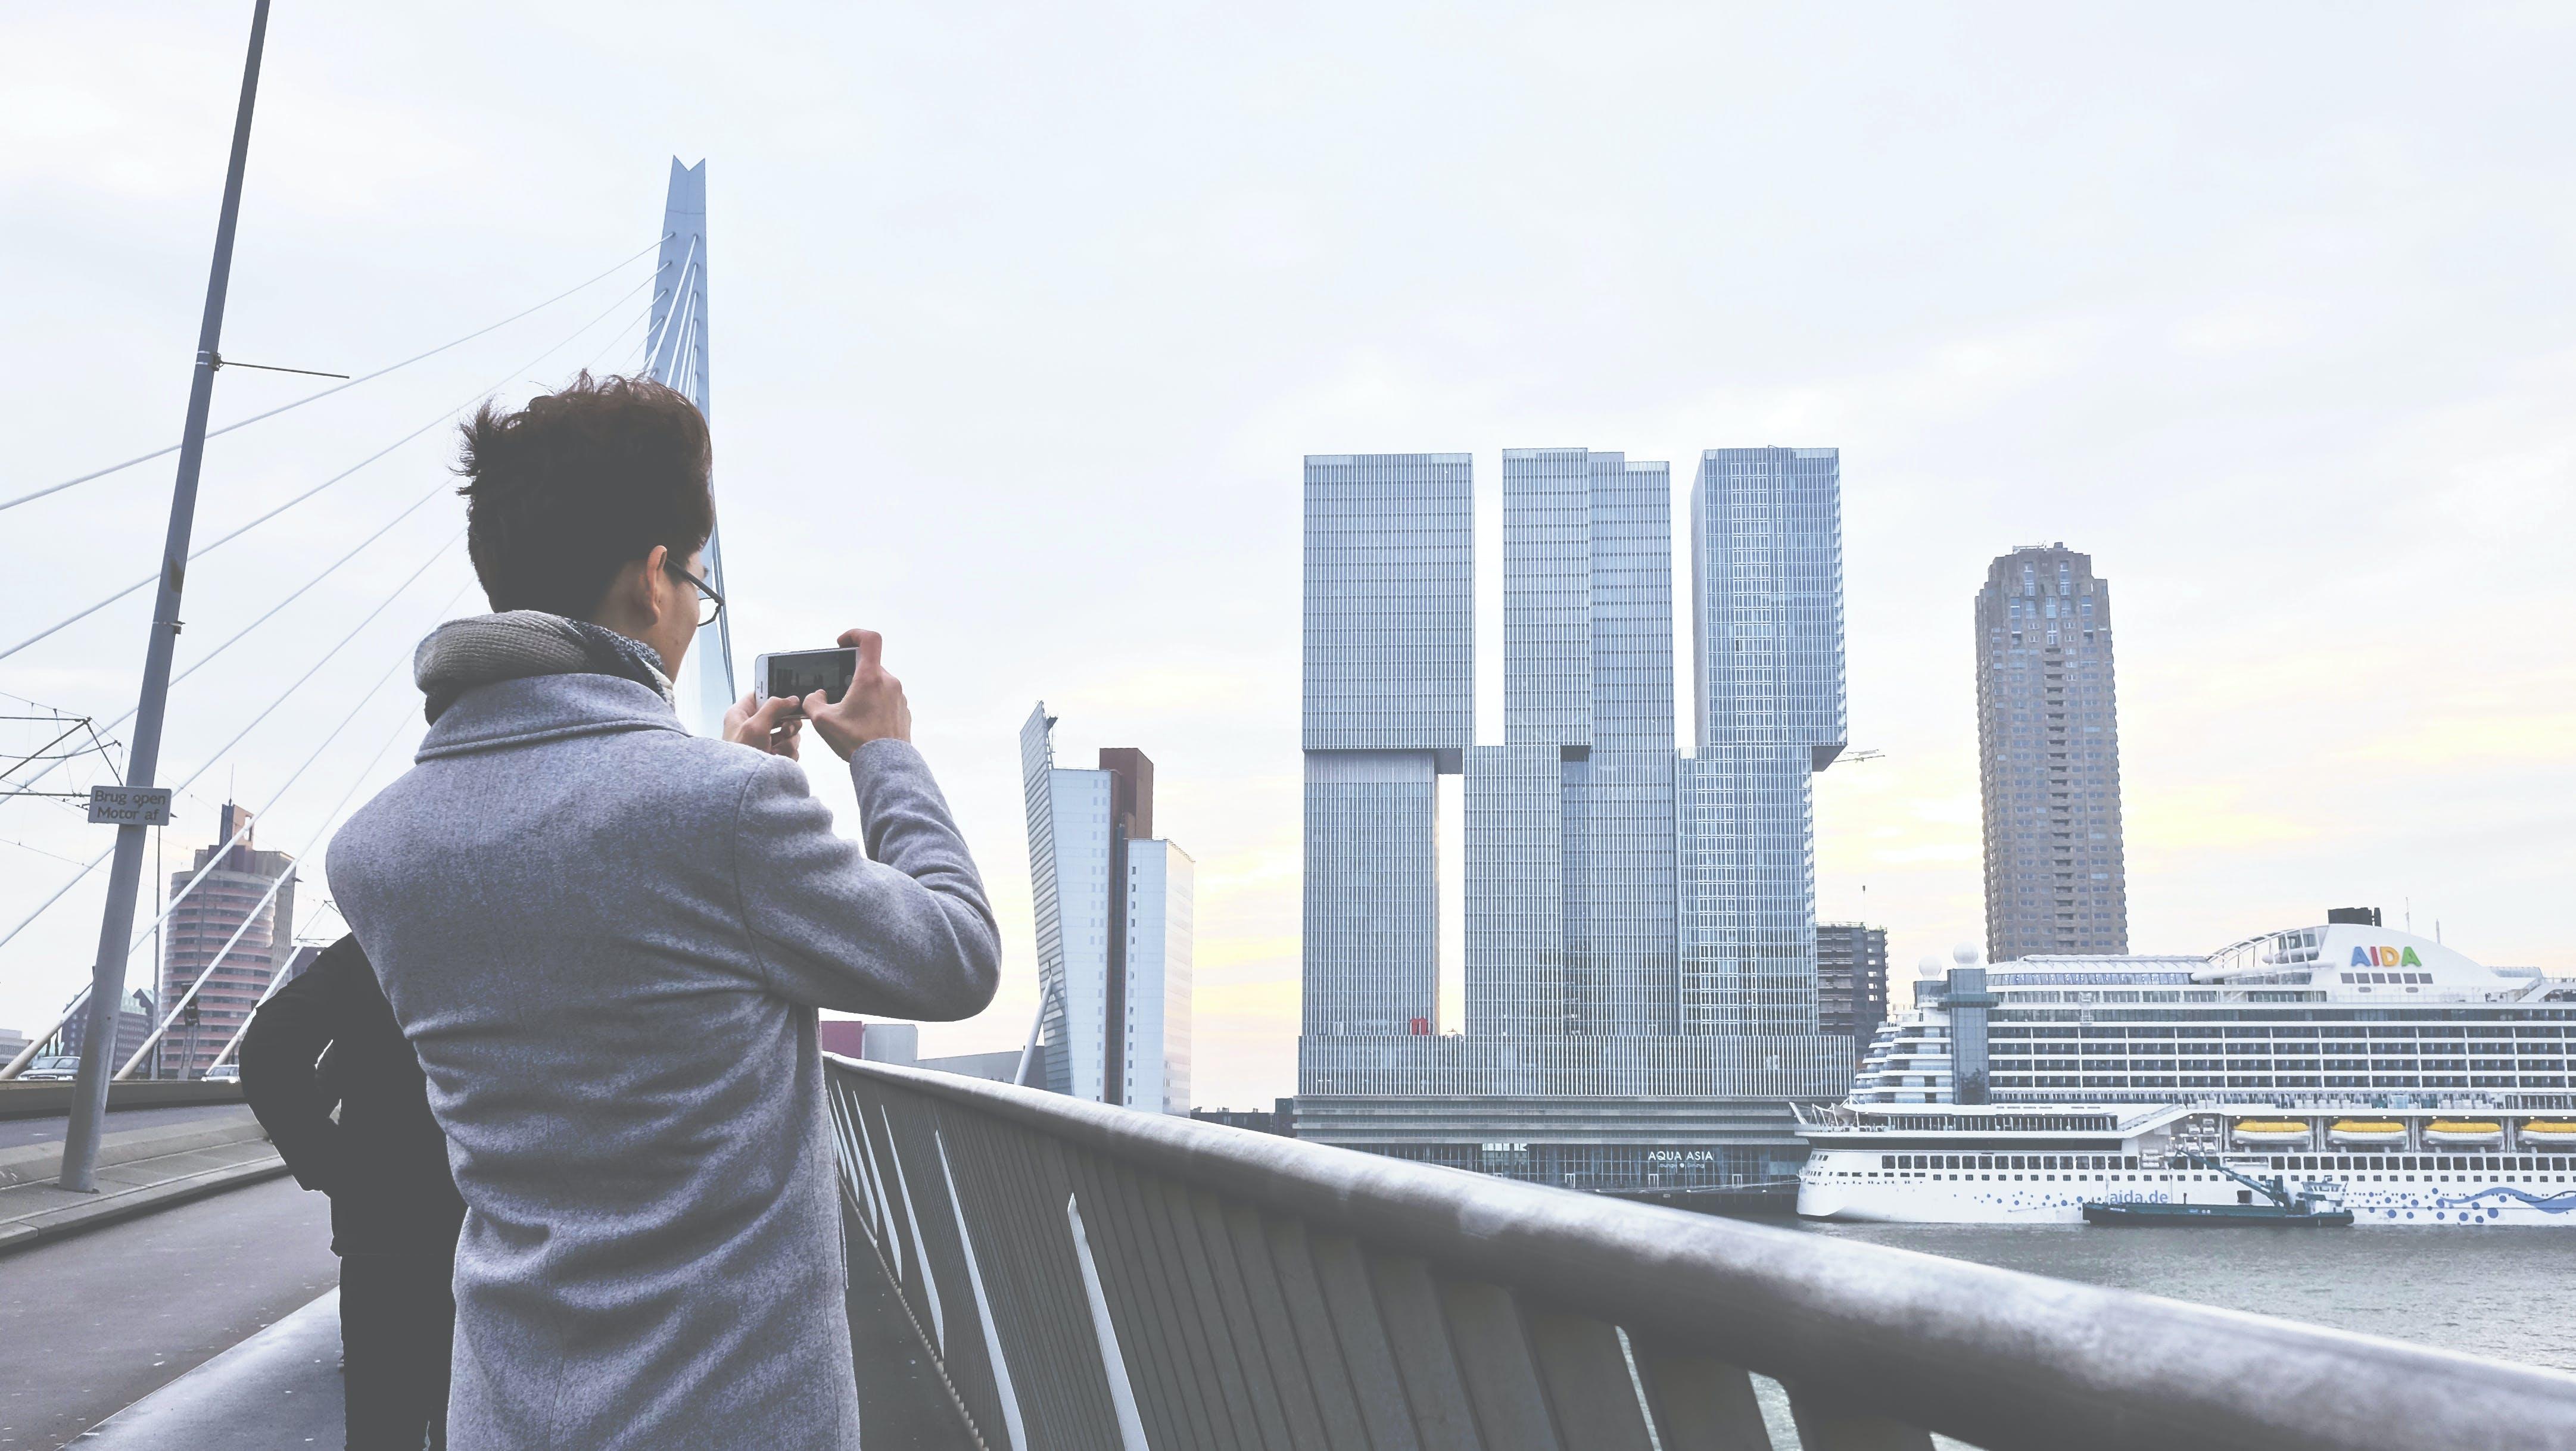 Kostenloses Stock Foto zu architektur, brücke, erwachsener, futuristisch